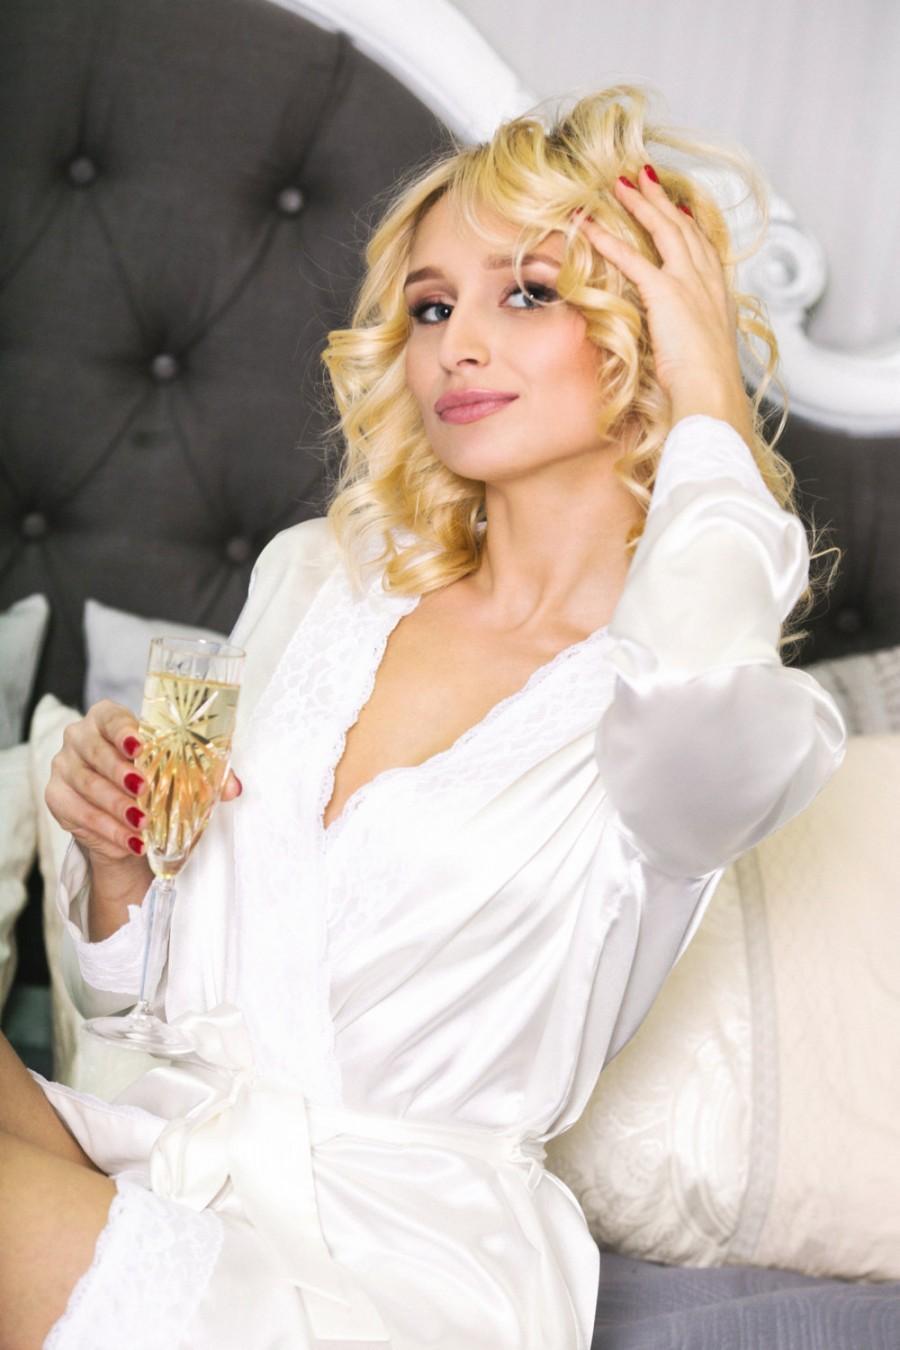 Hochzeit - VERONA, Bridal personalized robe, bride robe, monogrammed wedding robes, monogramming robes, monogramed robes, embroidered robe, bridesmaid